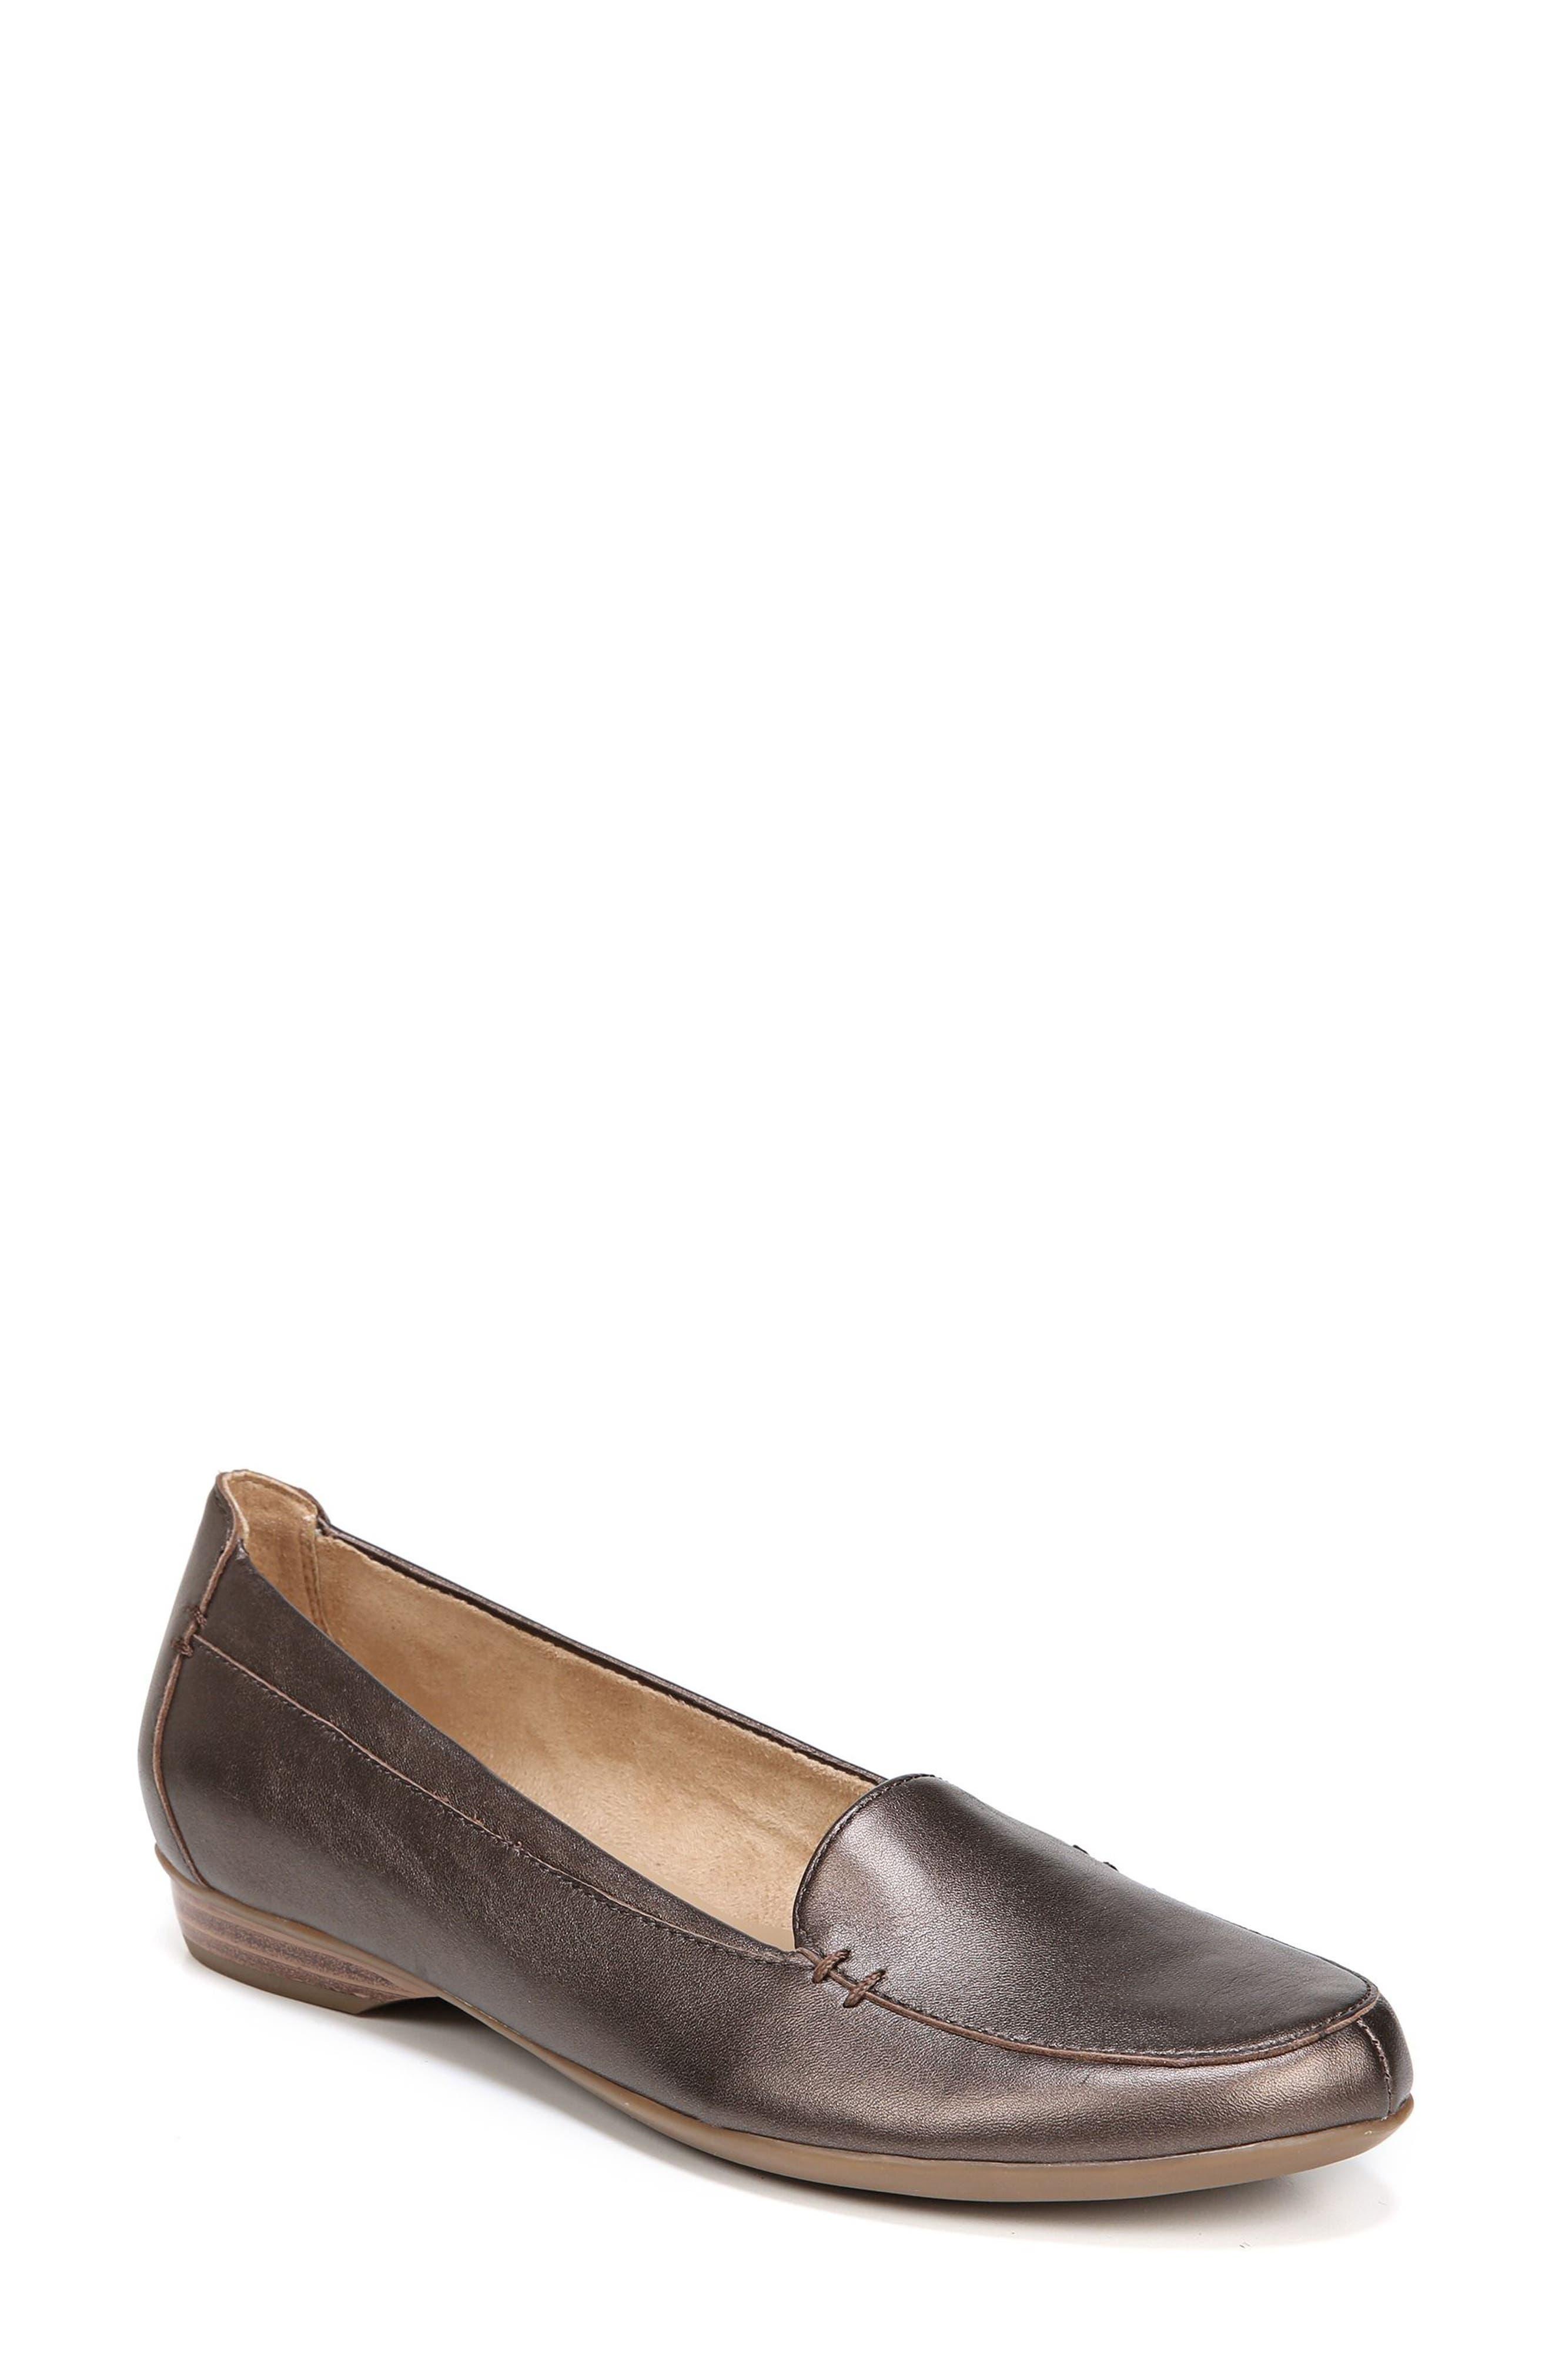 Naturalizer 'Saban' Leather Loafer ...